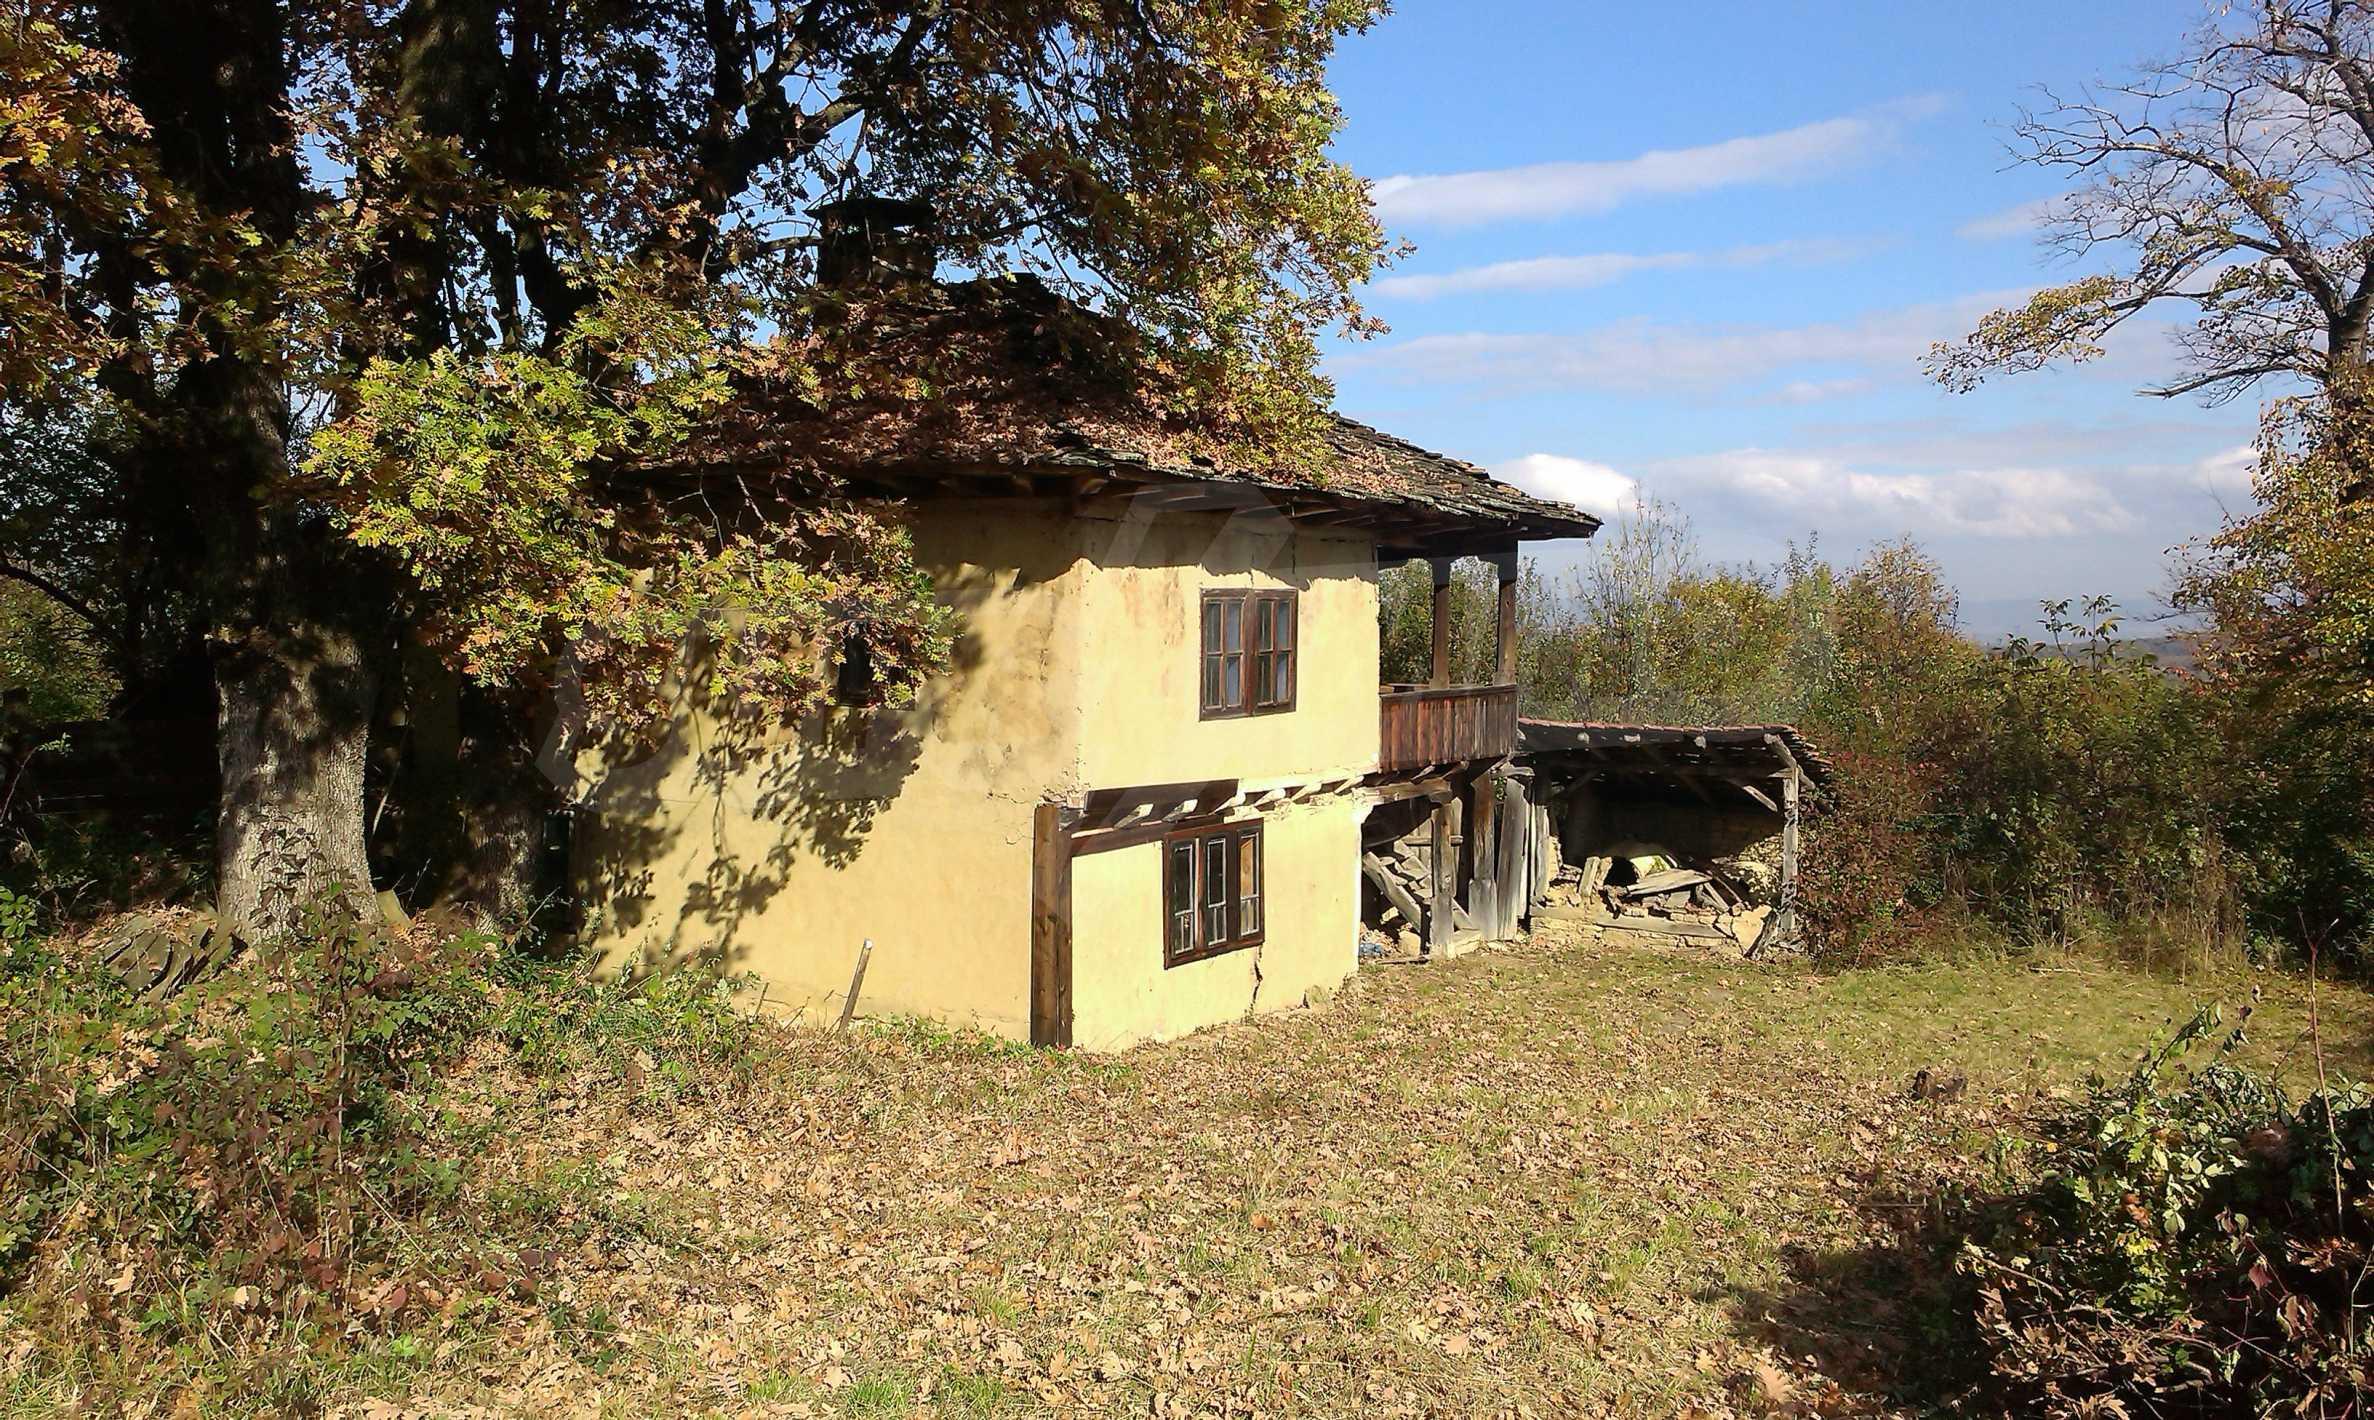 Двуетажна къща в красиво планинско село, до езеро 28